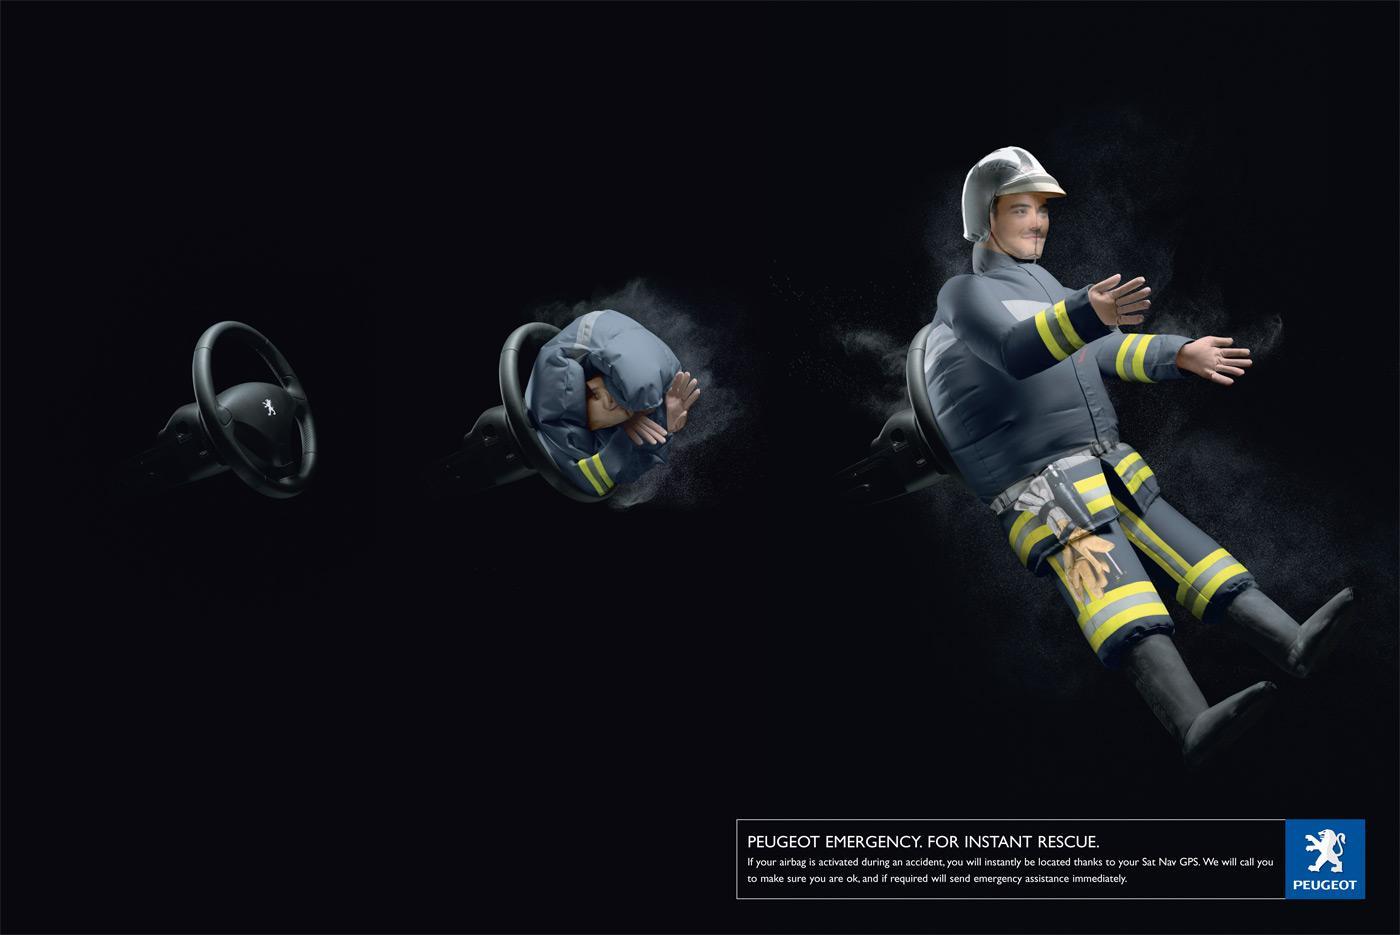 Firefighter air-bag